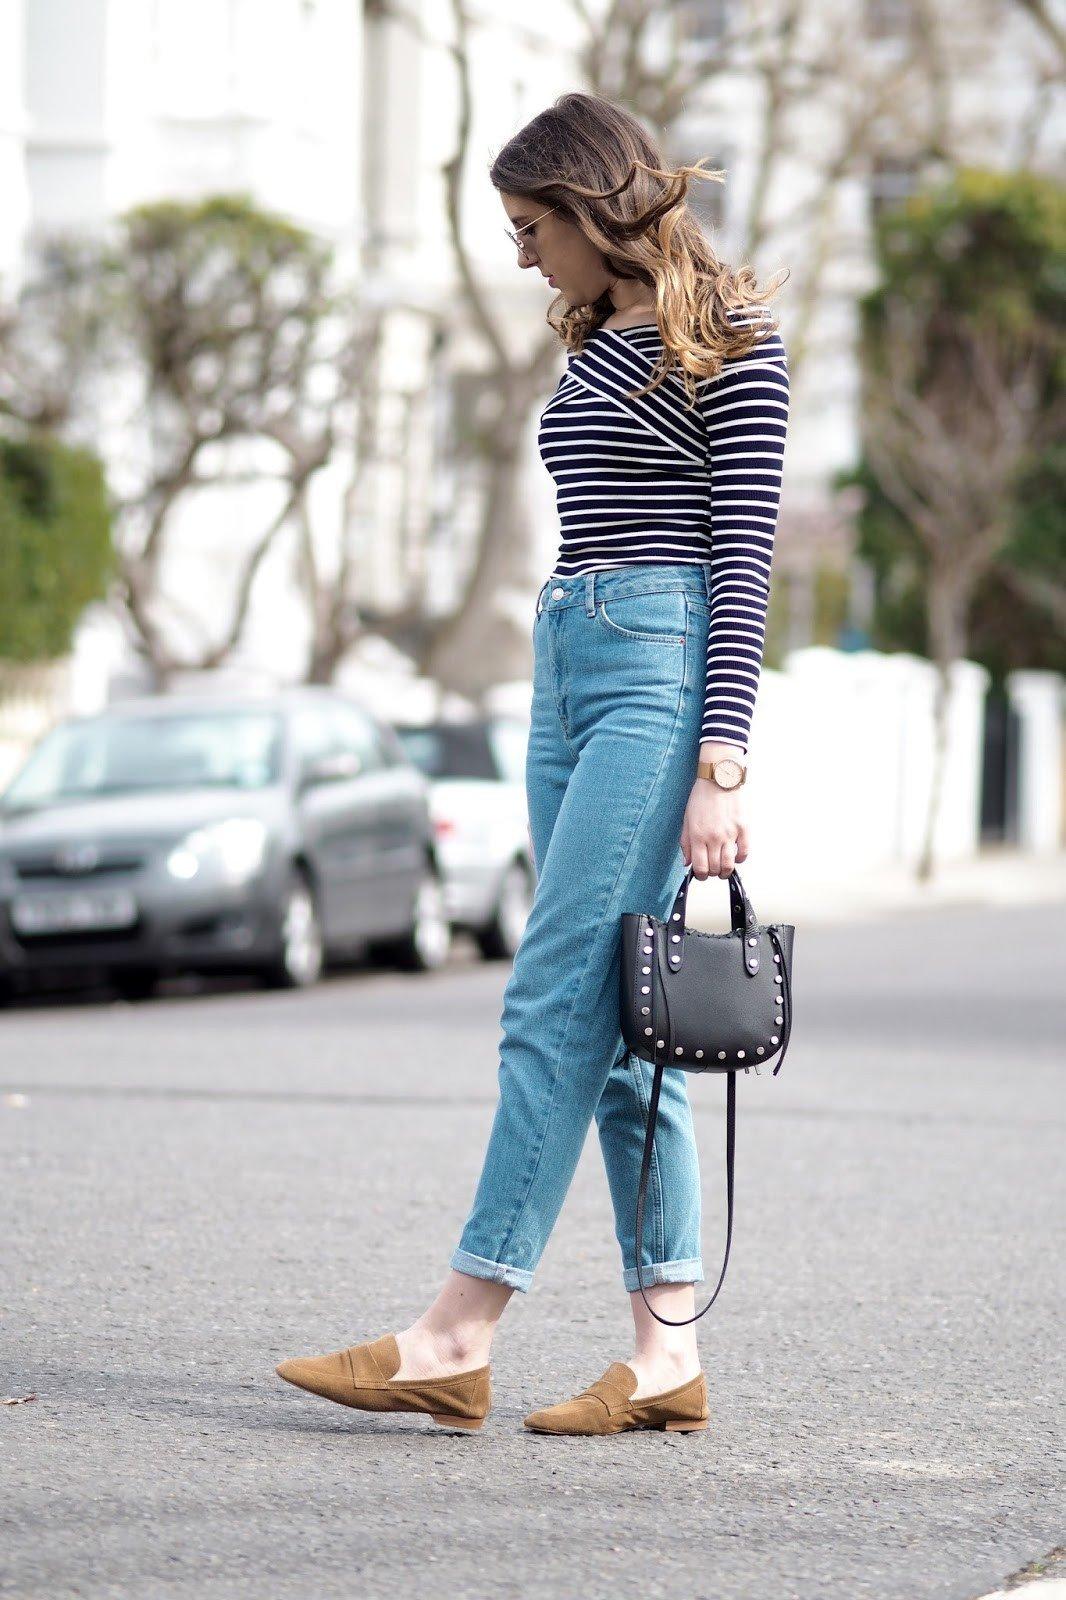 модные образы весна 2019: джинсы бойфренды и гольф в полоску